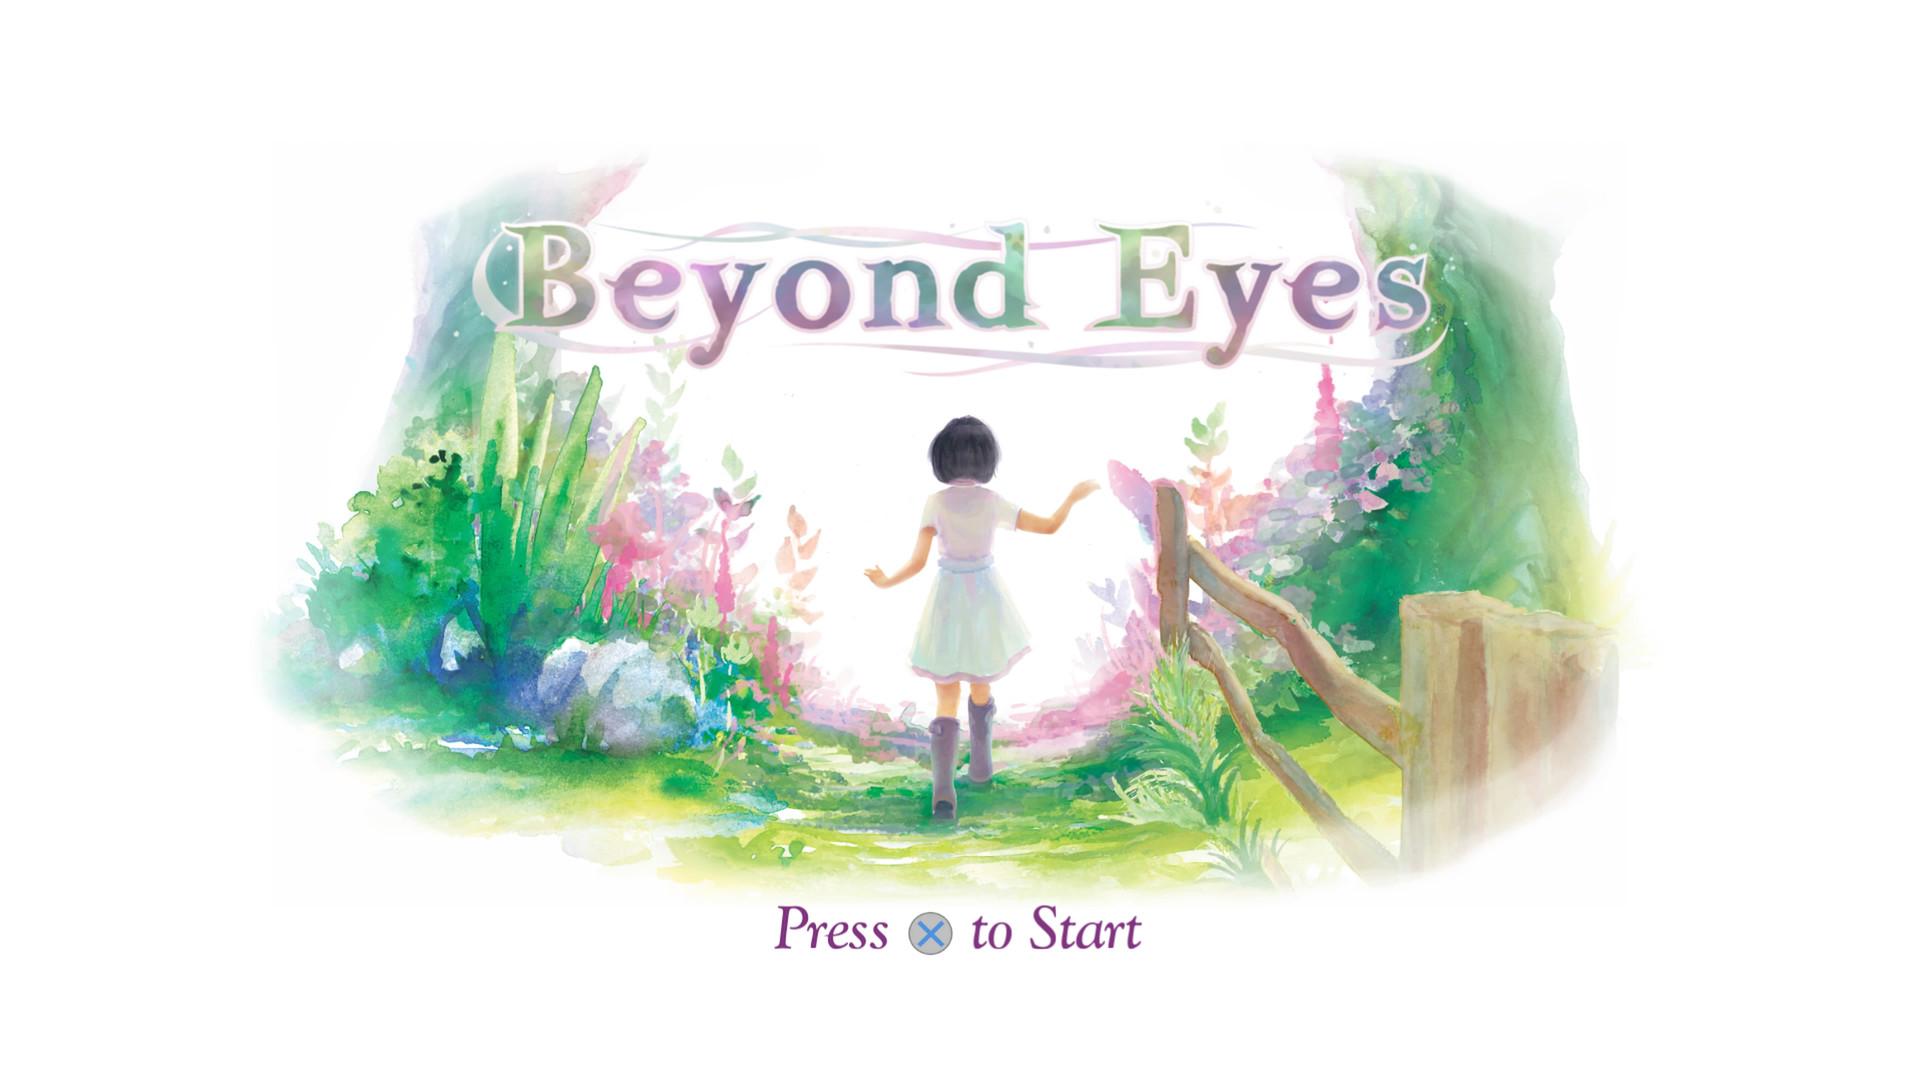 Beyond Eyes_20210112041815.jpg